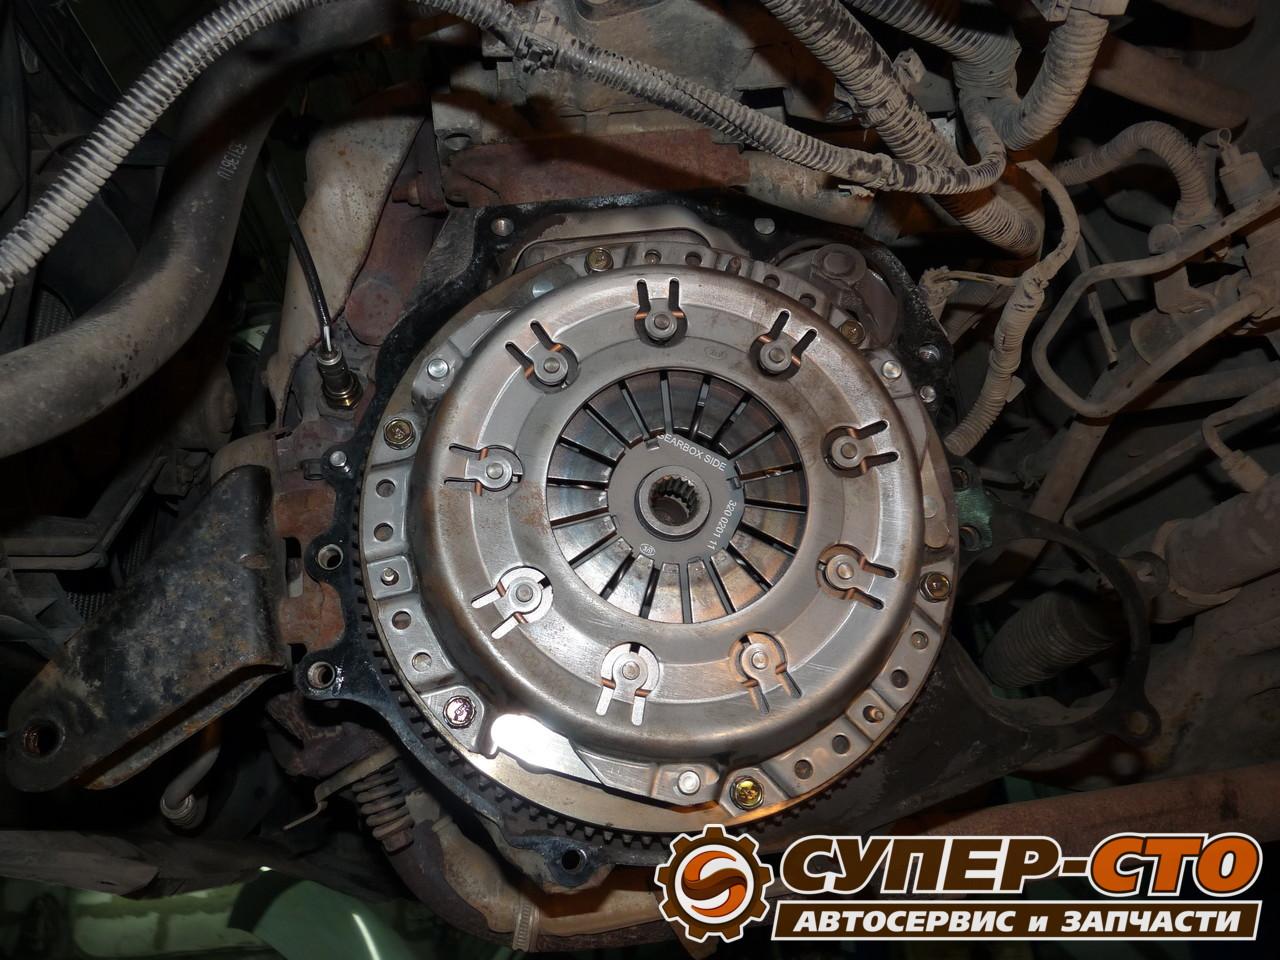 Самостоятельная замена сцепления Nissan Almera N16 19